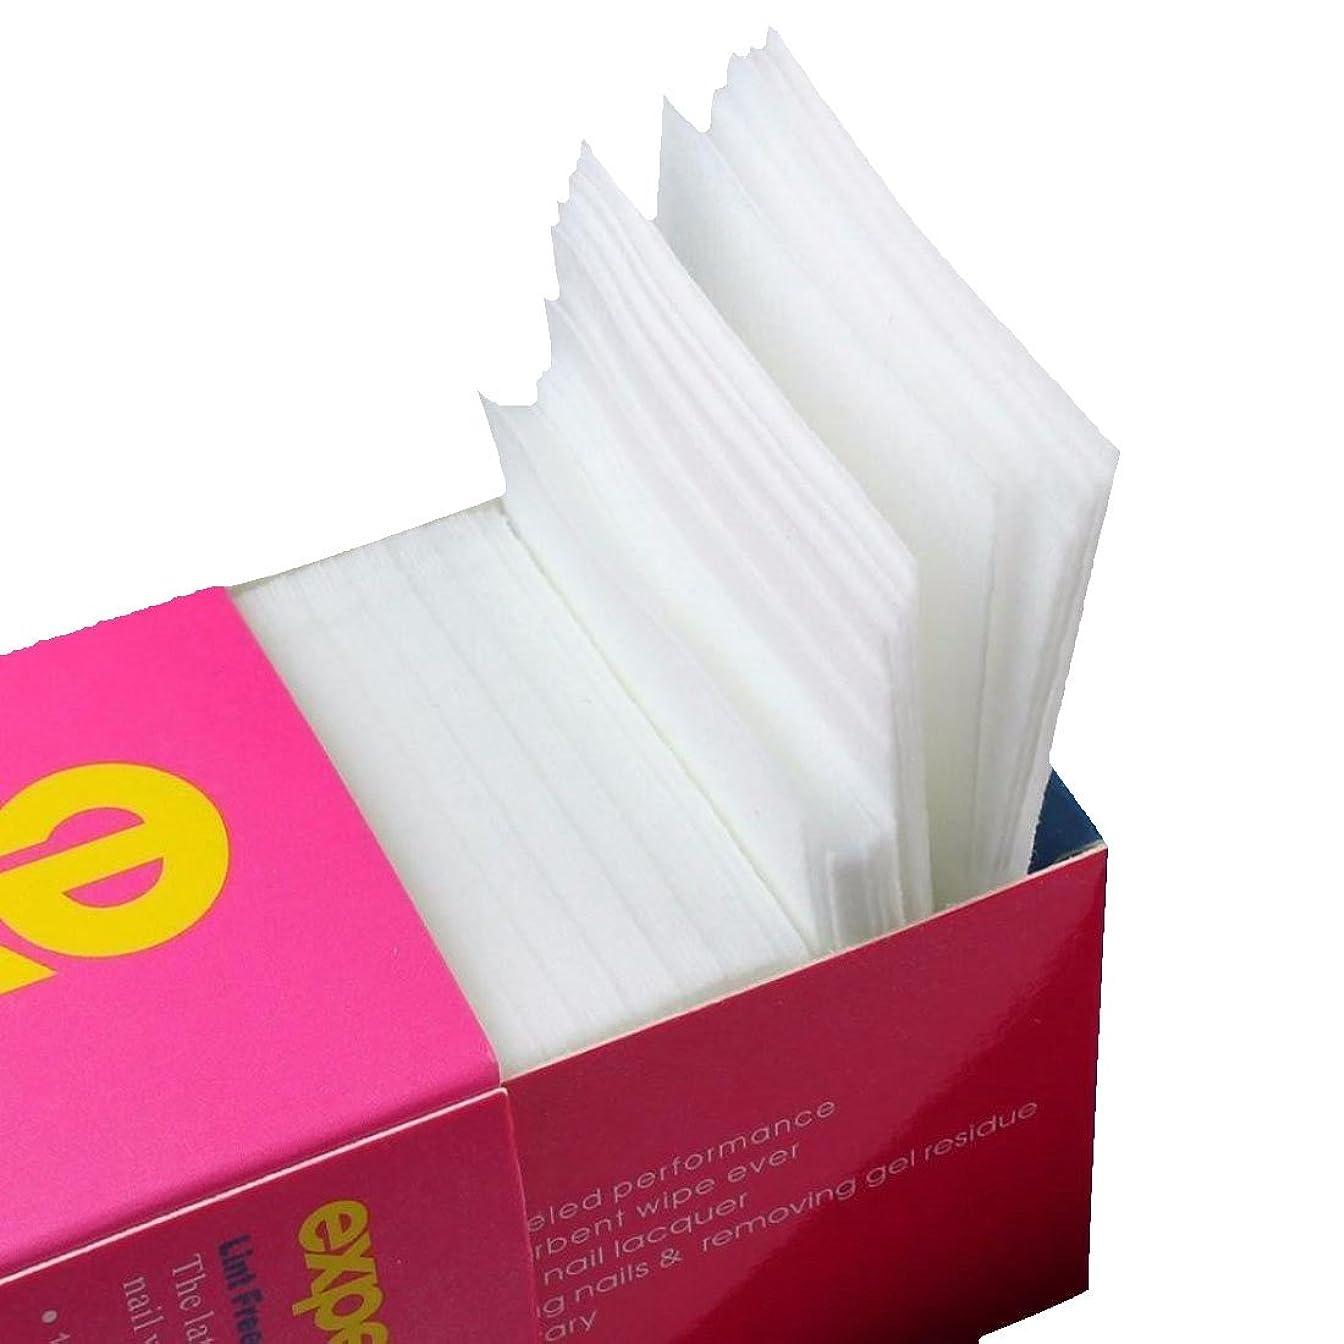 流用するかすかなステートメントNrpfell 325枚ネイルワイプリントフリーコットンパッド、ネイルジェル除去用不織布綿シートネイルポリッシュクリーニングパッド